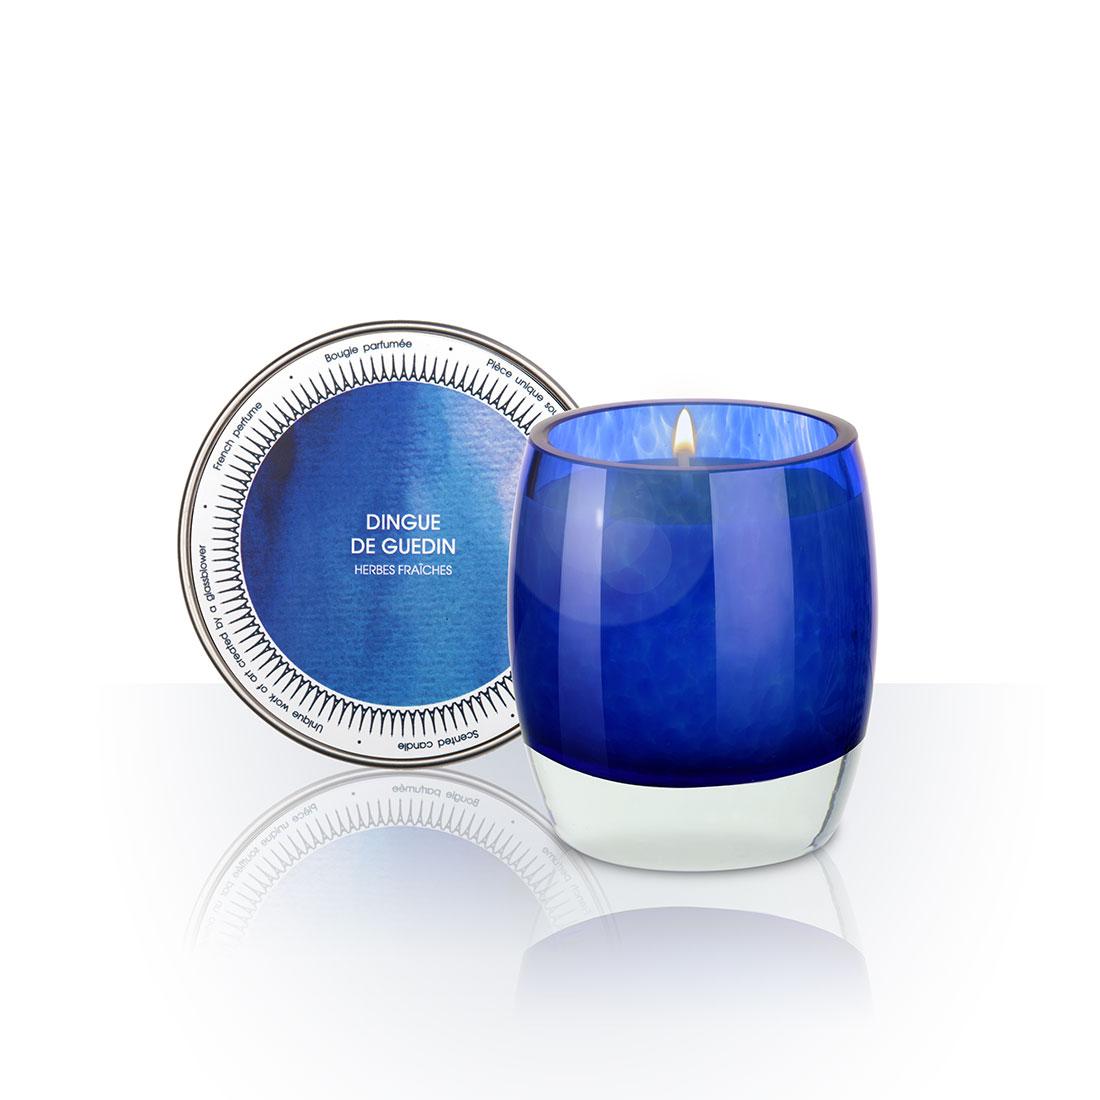 Bougie Parfumée Dingue de Guedin Marianne Guedin